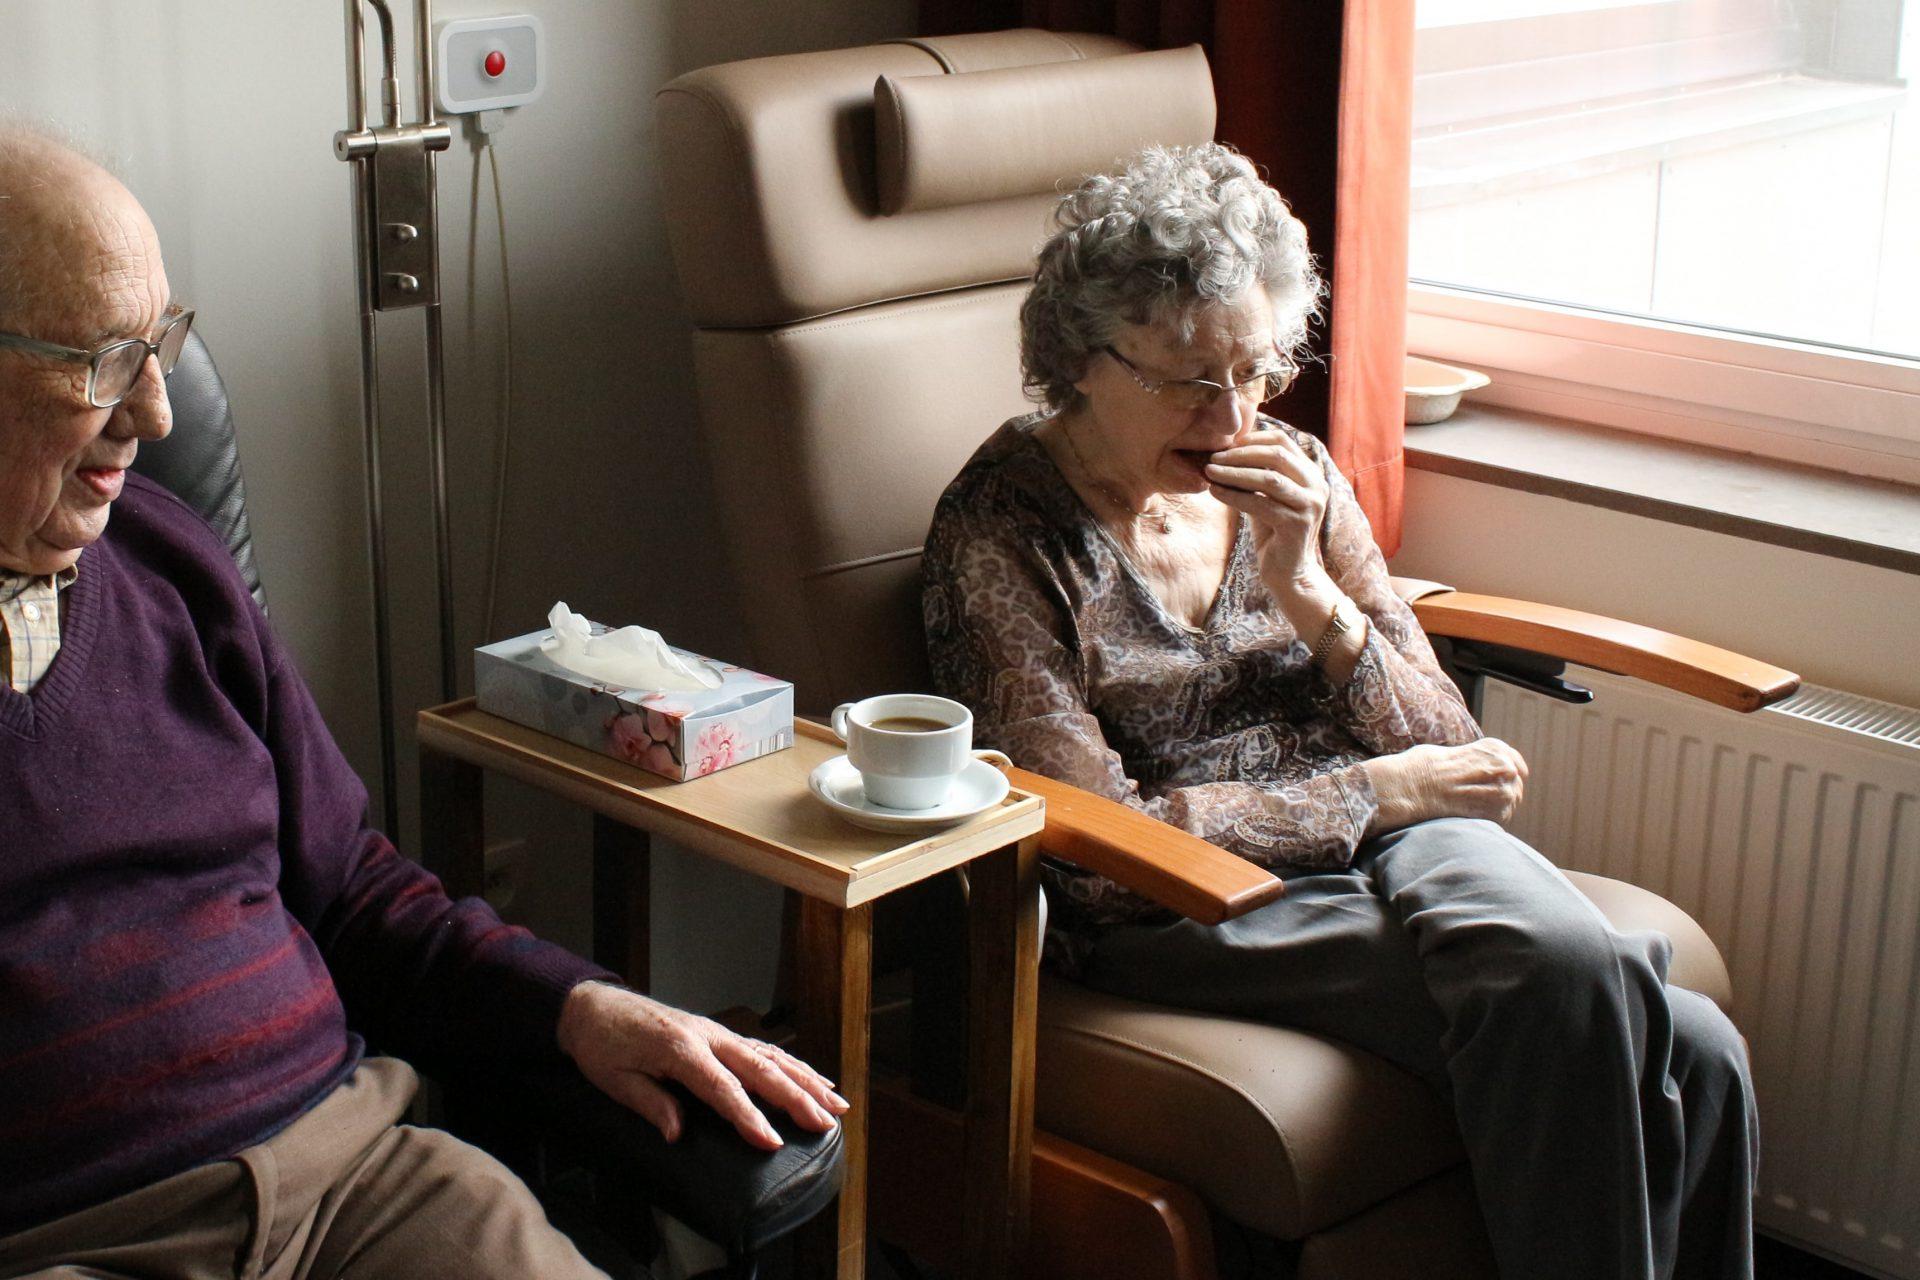 海外赴任中の介護保険はどうするのか(海外引越よもやま話)